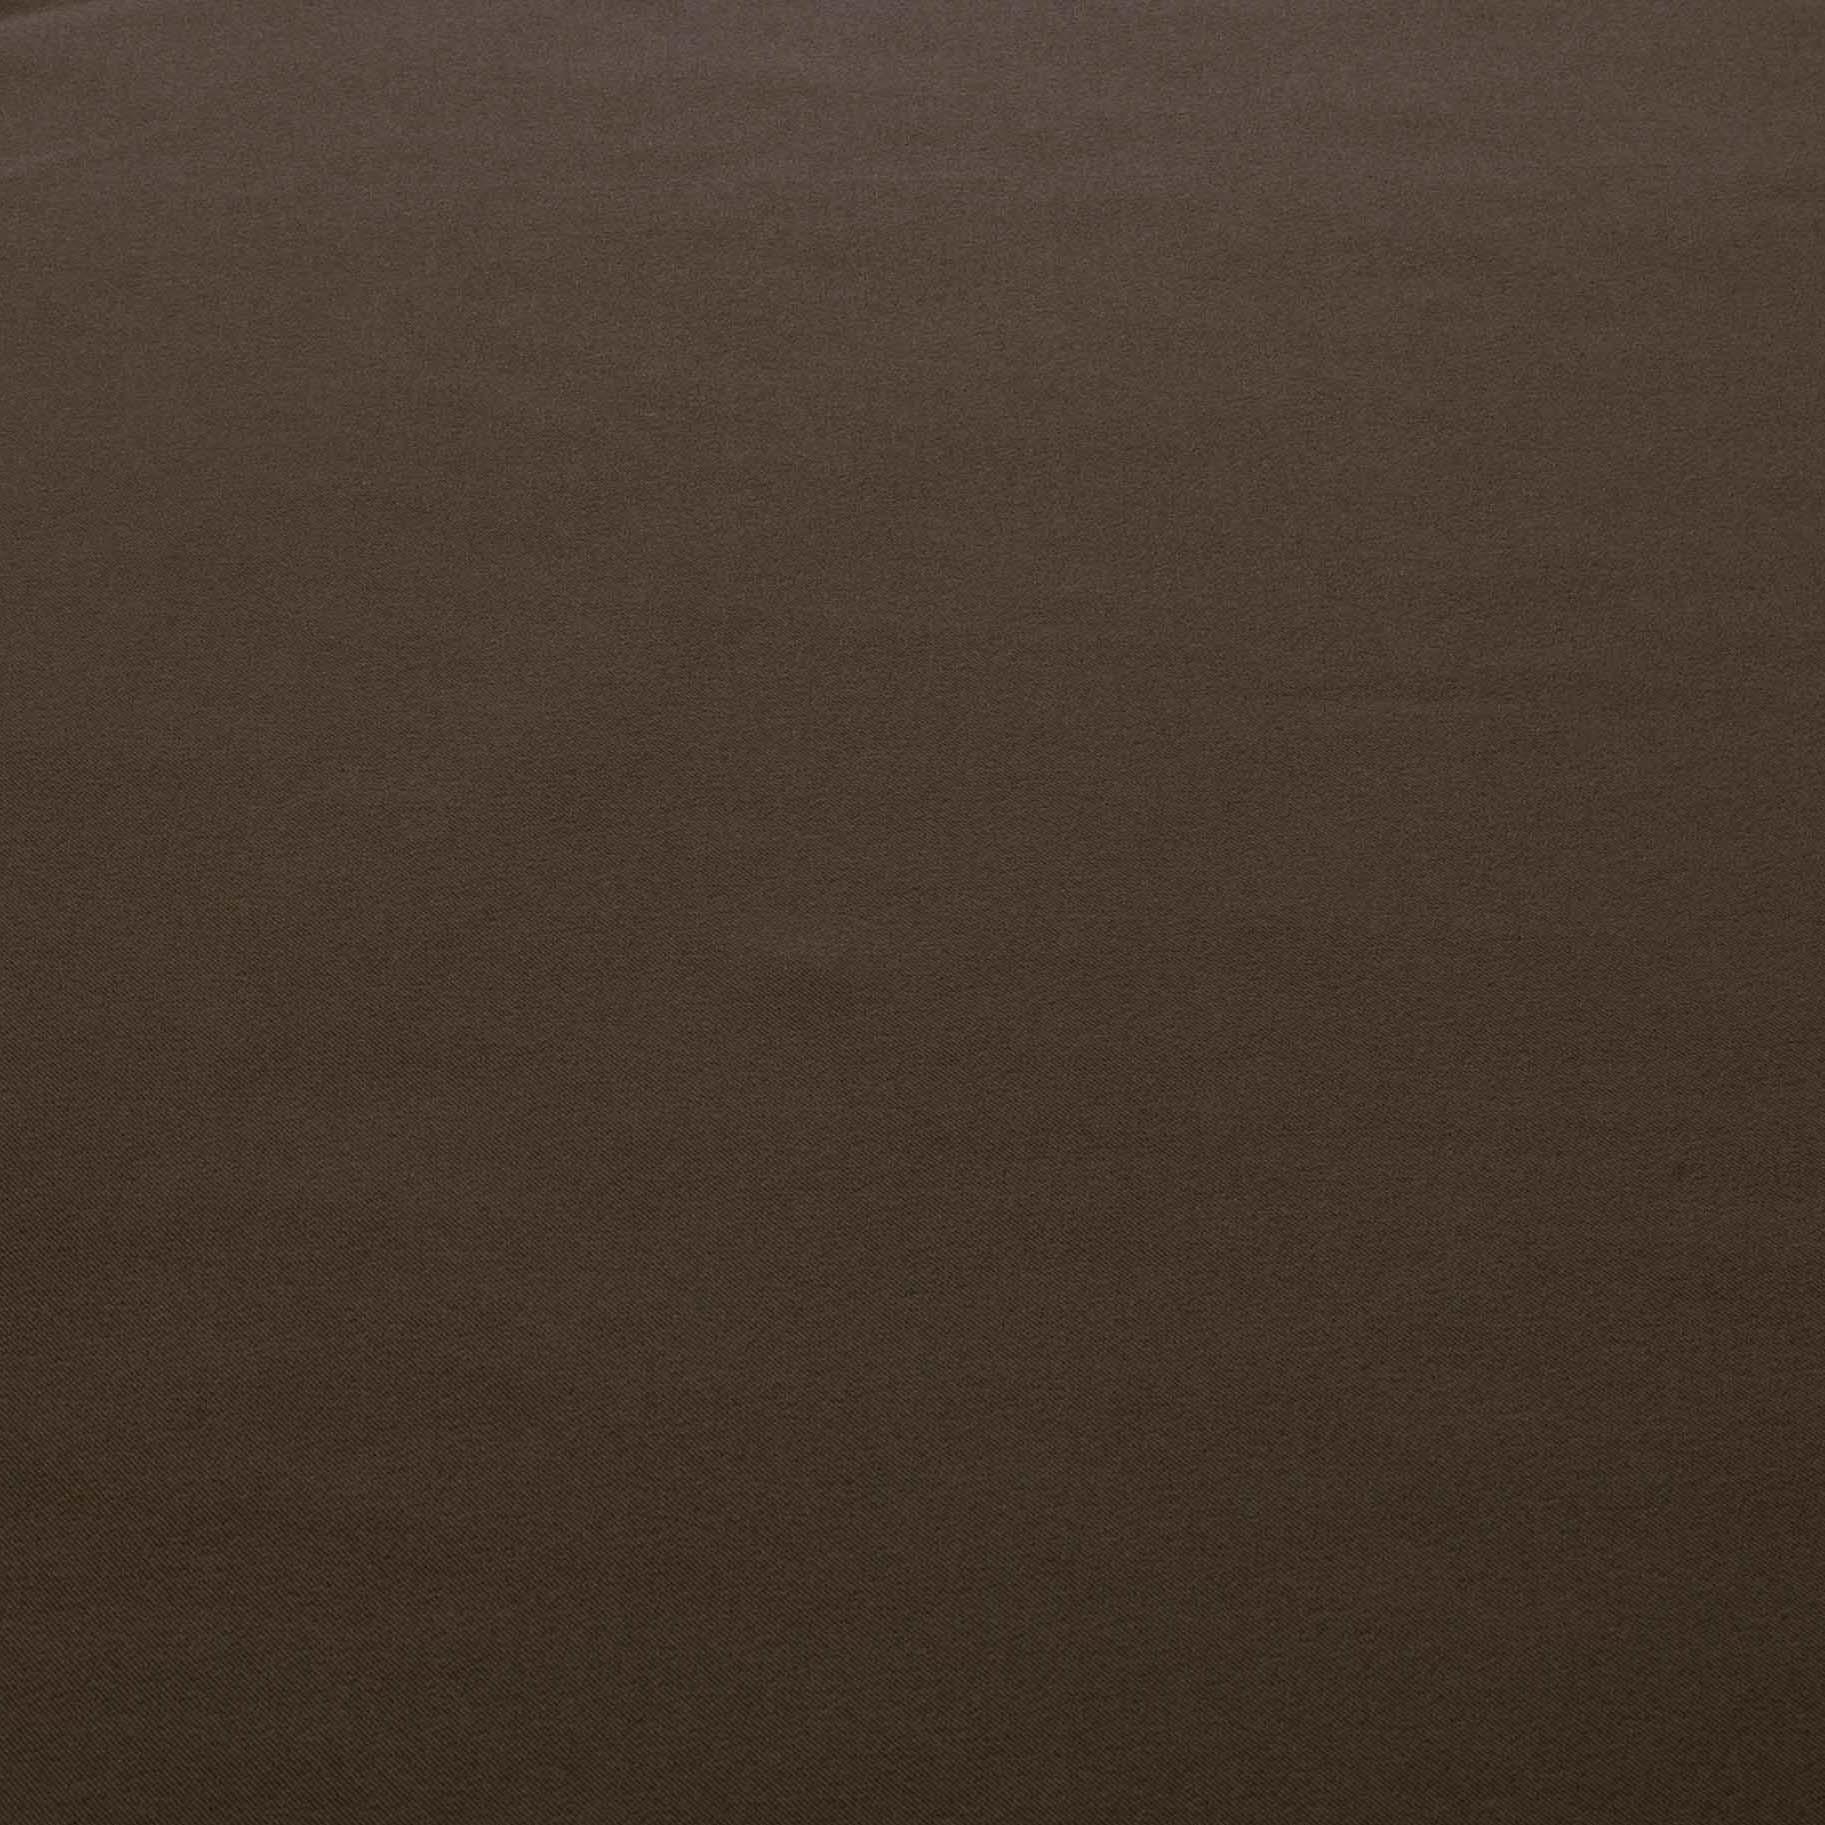 Tecido Gabardine Two Way com Elastano Cinza 96% Poliester 4% Elastano 1,50 m Largura